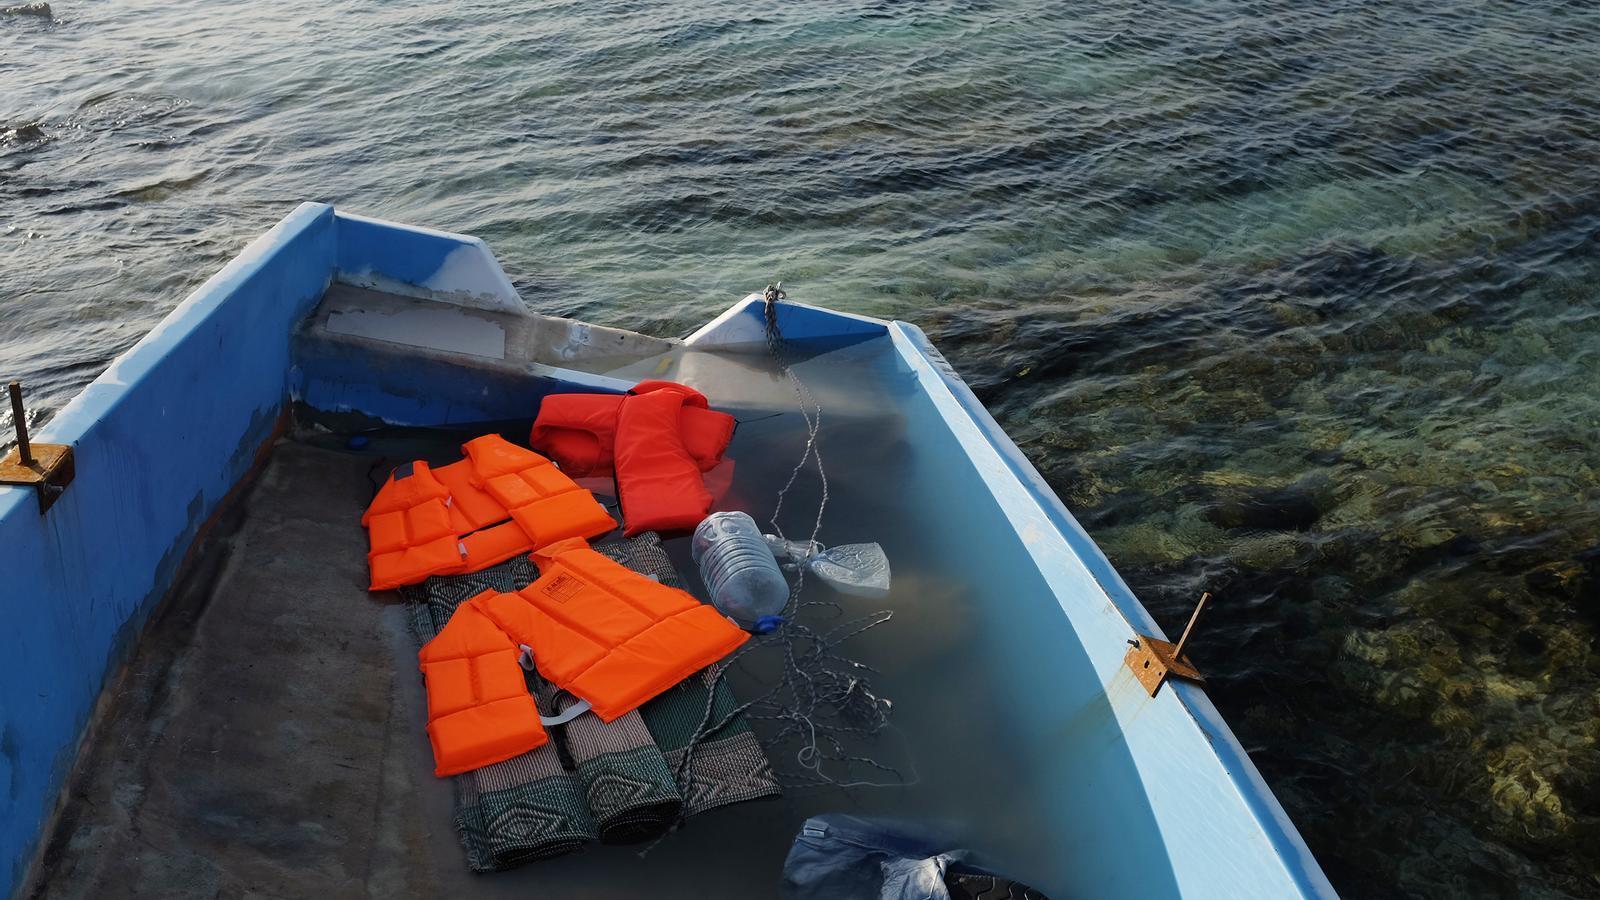 Arribaren prop de 60 persones en pastera des d'Algèria./ DAVID ARQUIMBAU